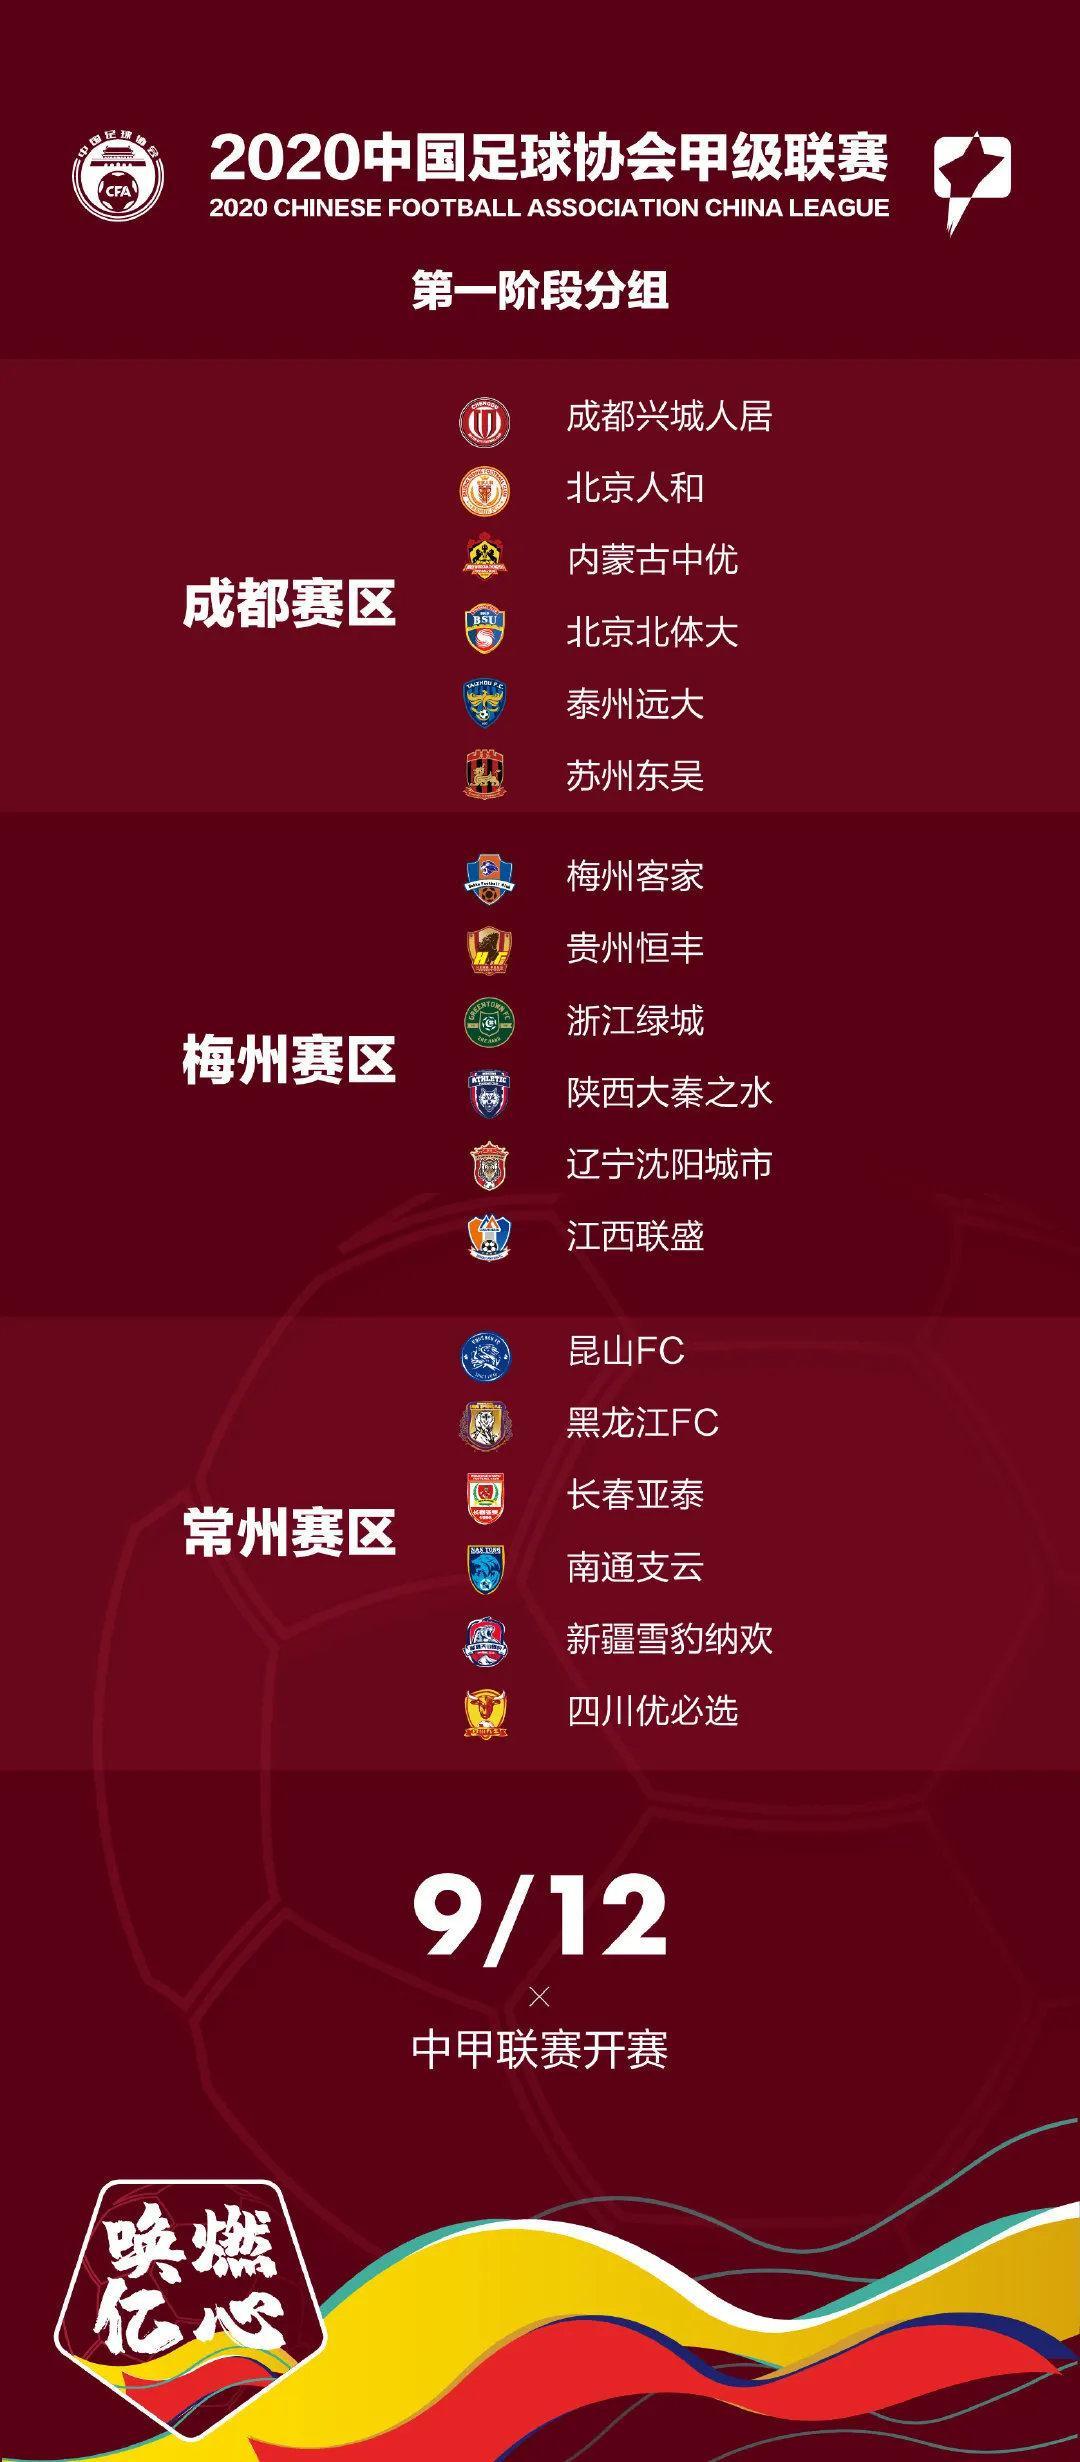 中甲联赛明确第二阶段赛制:实行单循环积分赛 总共5轮